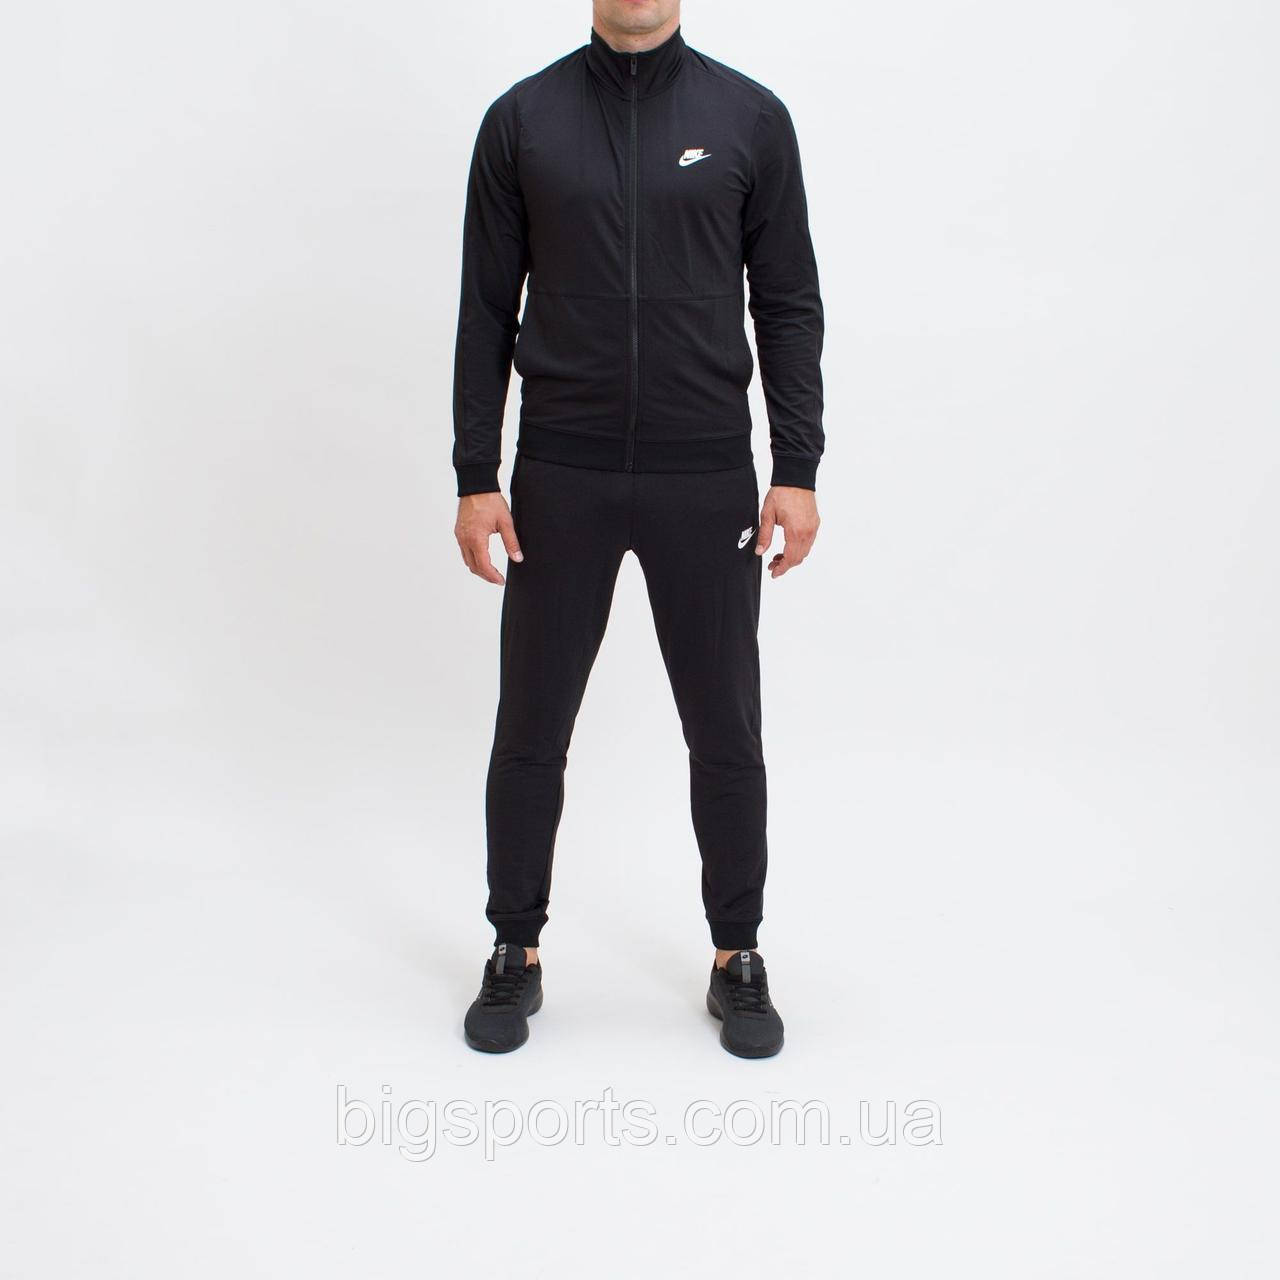 5d1b6d8f Спортивный костюм муж. Nike M Nsw Trk Suit Pk (арт. 928109-010 ...